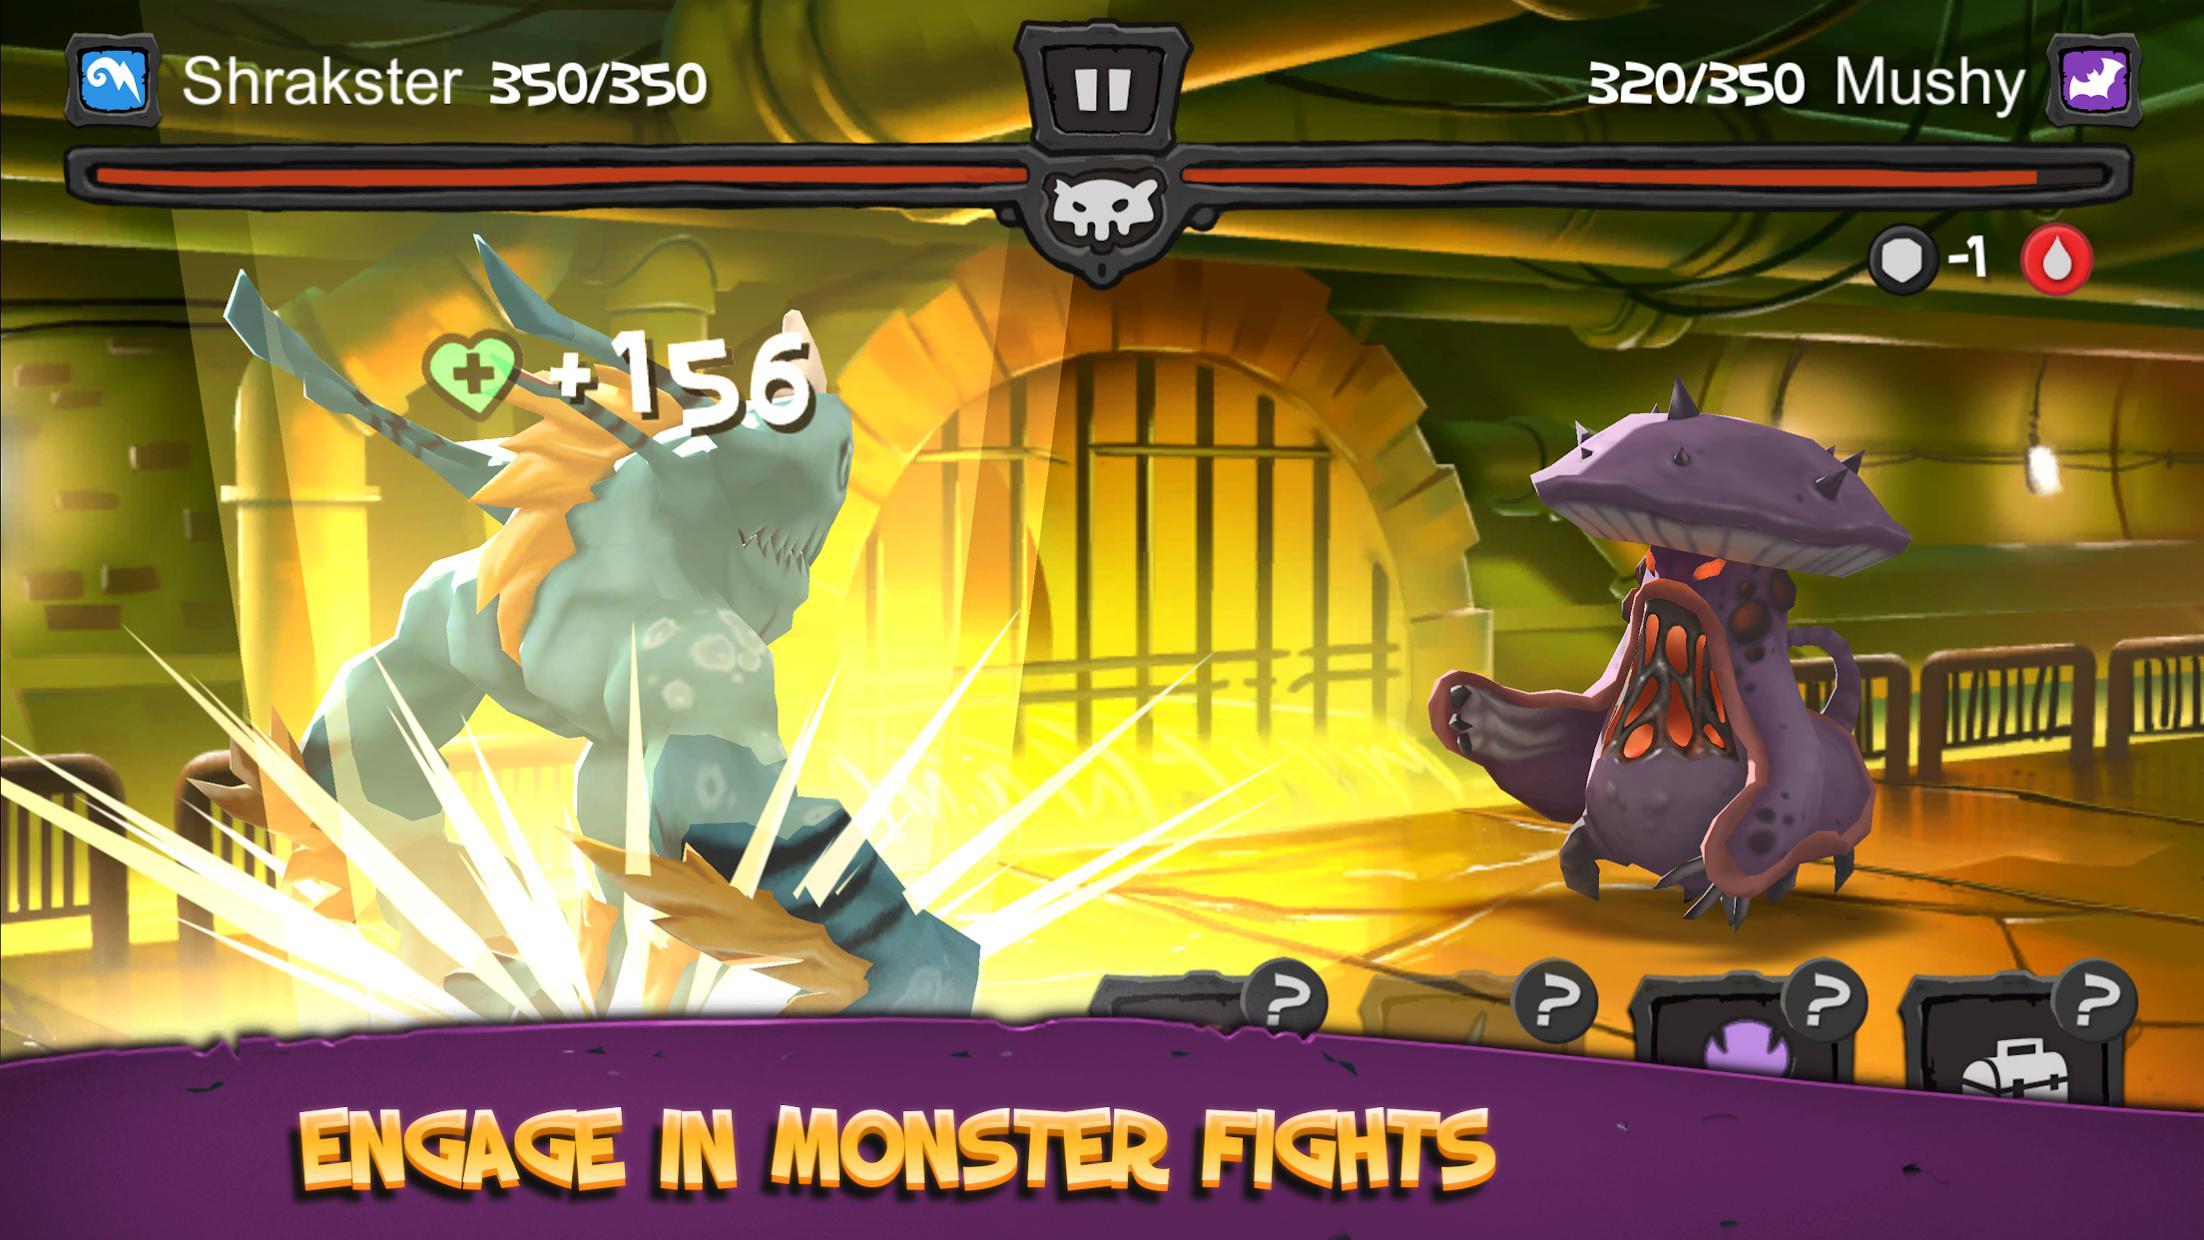 怪物巴斯特:入侵世界 游戏截图1